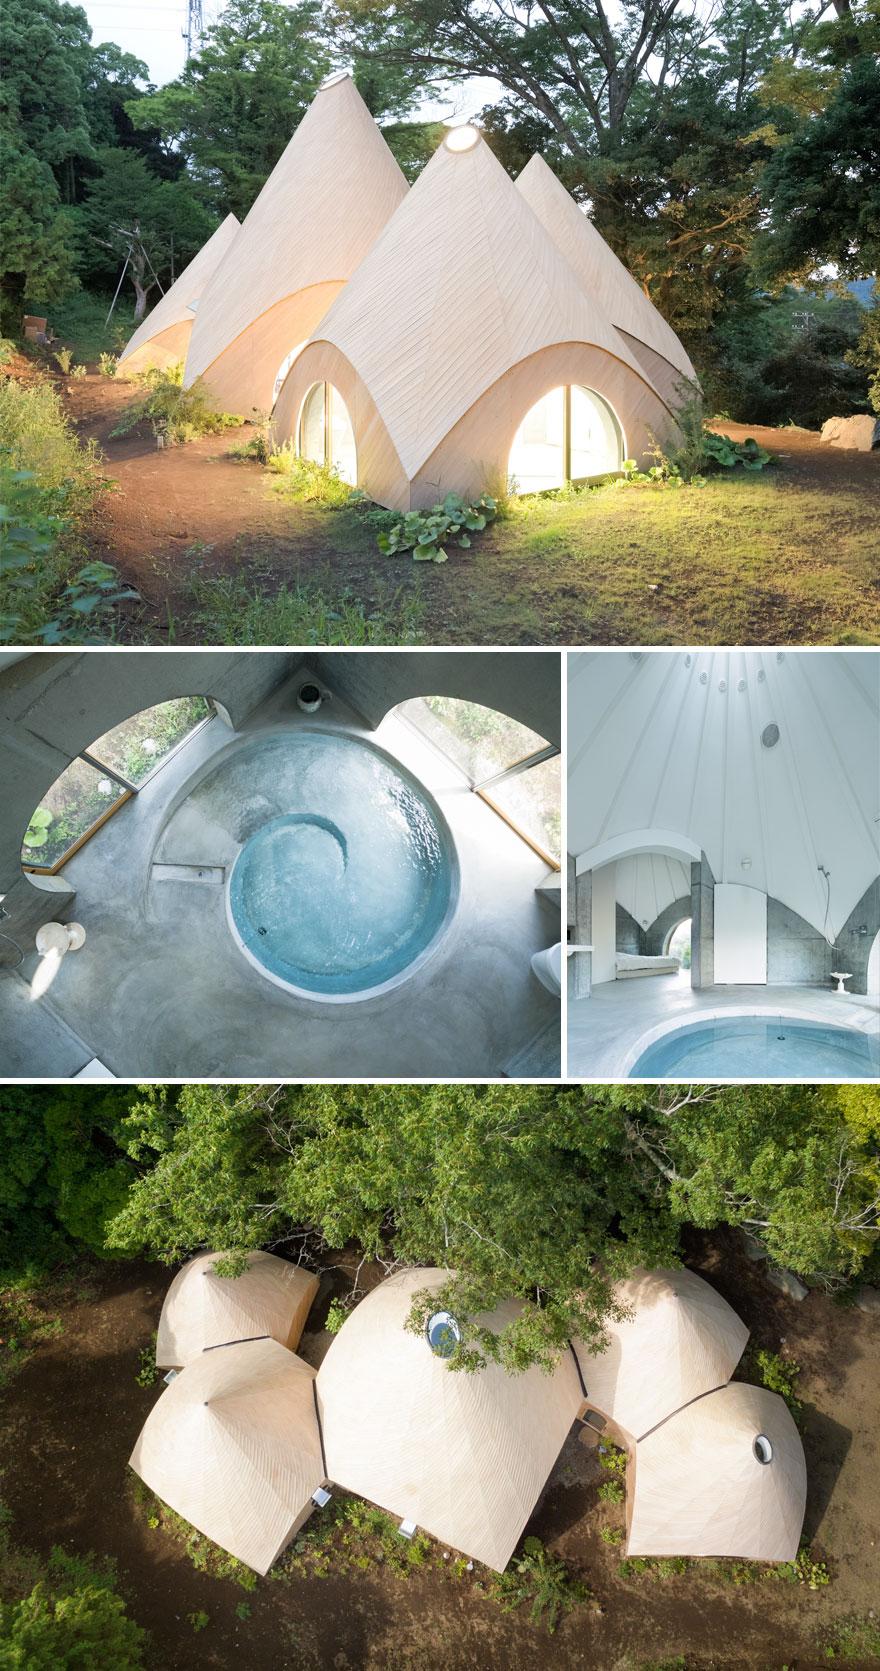 یک خانه جنگلی منحصربهفرد برای دو بانوی بازنشسته.